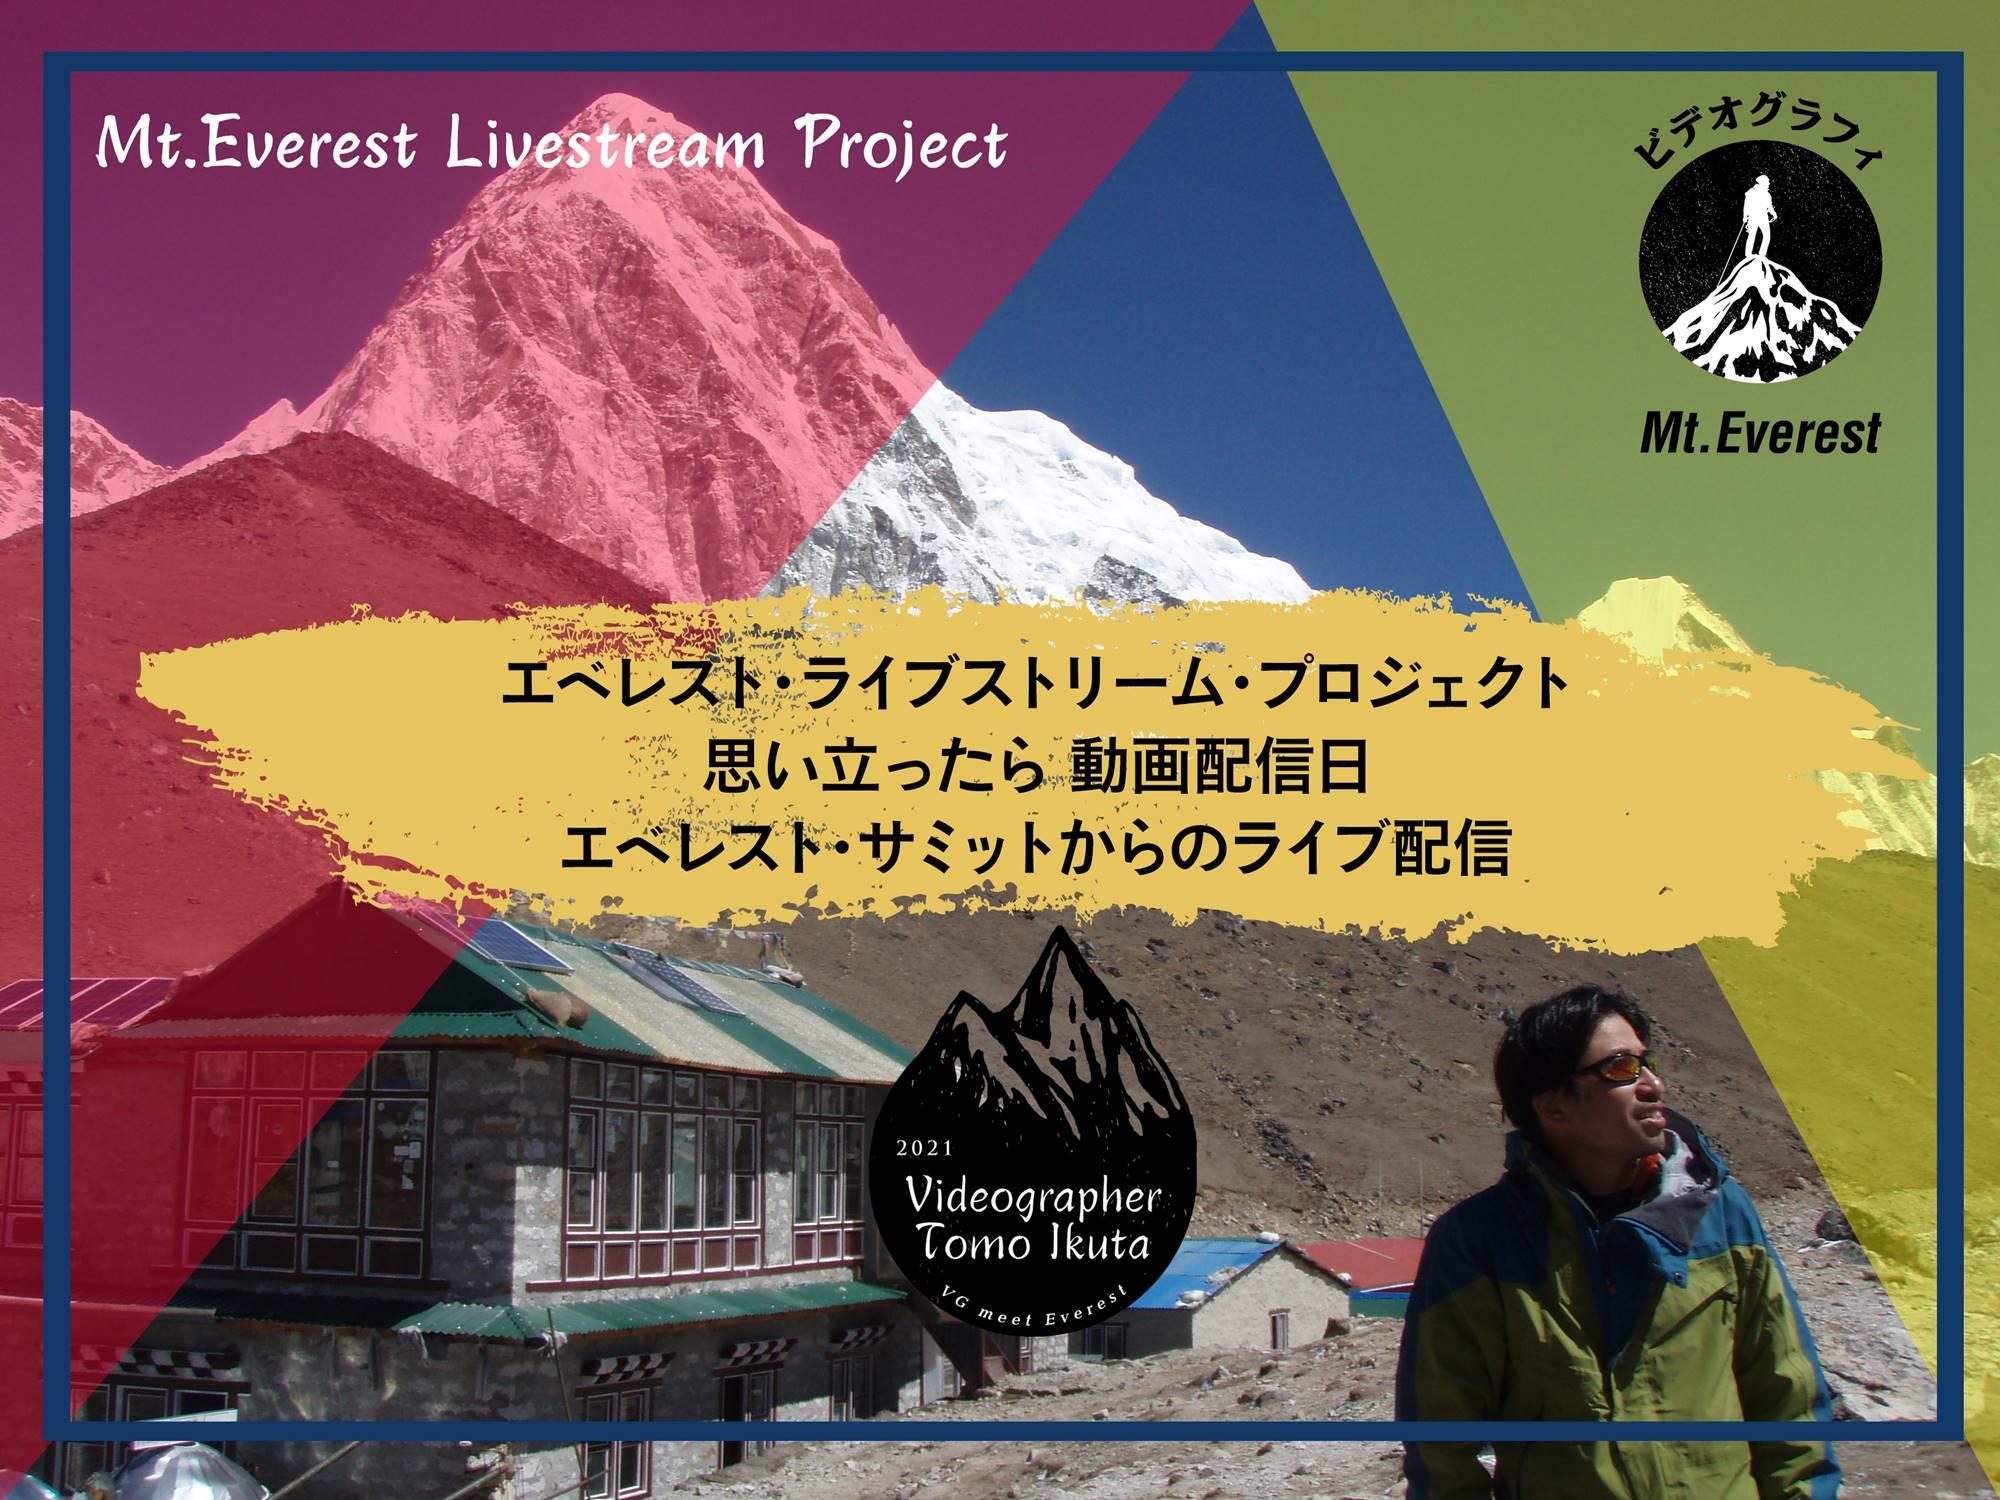 Livestream@Mt. Everest Summit in Nepal. エベレスト頂上から動画配信を!・エベレスト街道@ネパール。2021年 or 2022年にエベレストよりインターネット生中継 リアルタイム ライブストリームに挑戦(予定というか、いま 思いついた!!)